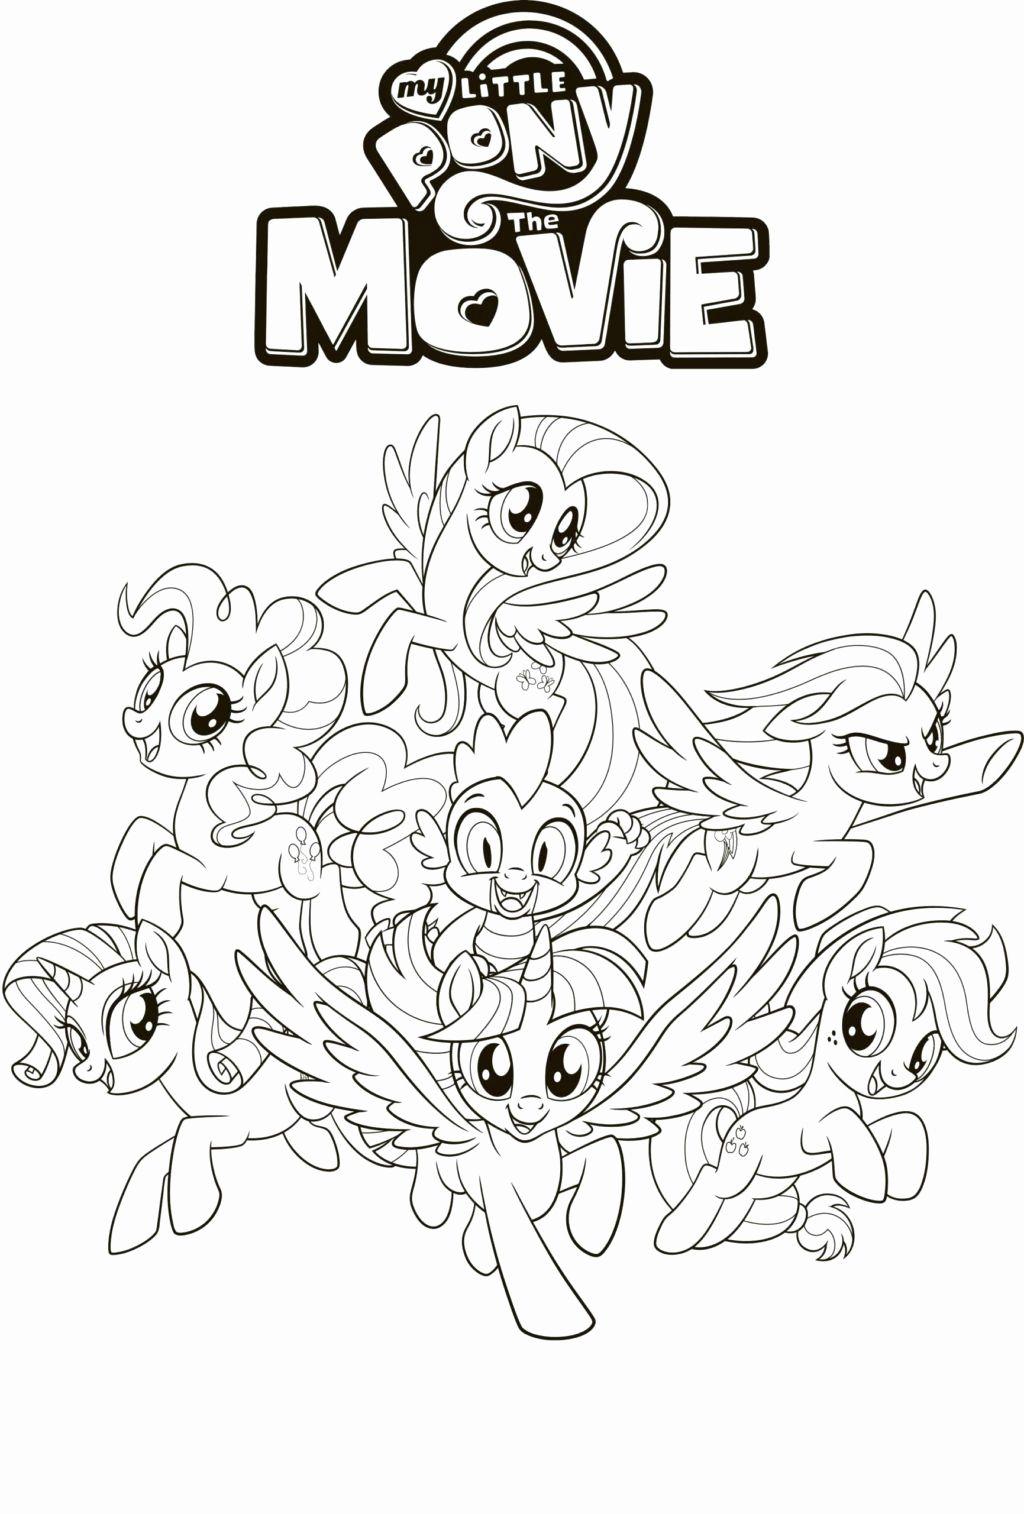 Kids Coloring Pages Full Page My Little Pony Sirena Para Colorear Arte En Lienzo De Bricolaje Dibujos Animados Para Dibujar